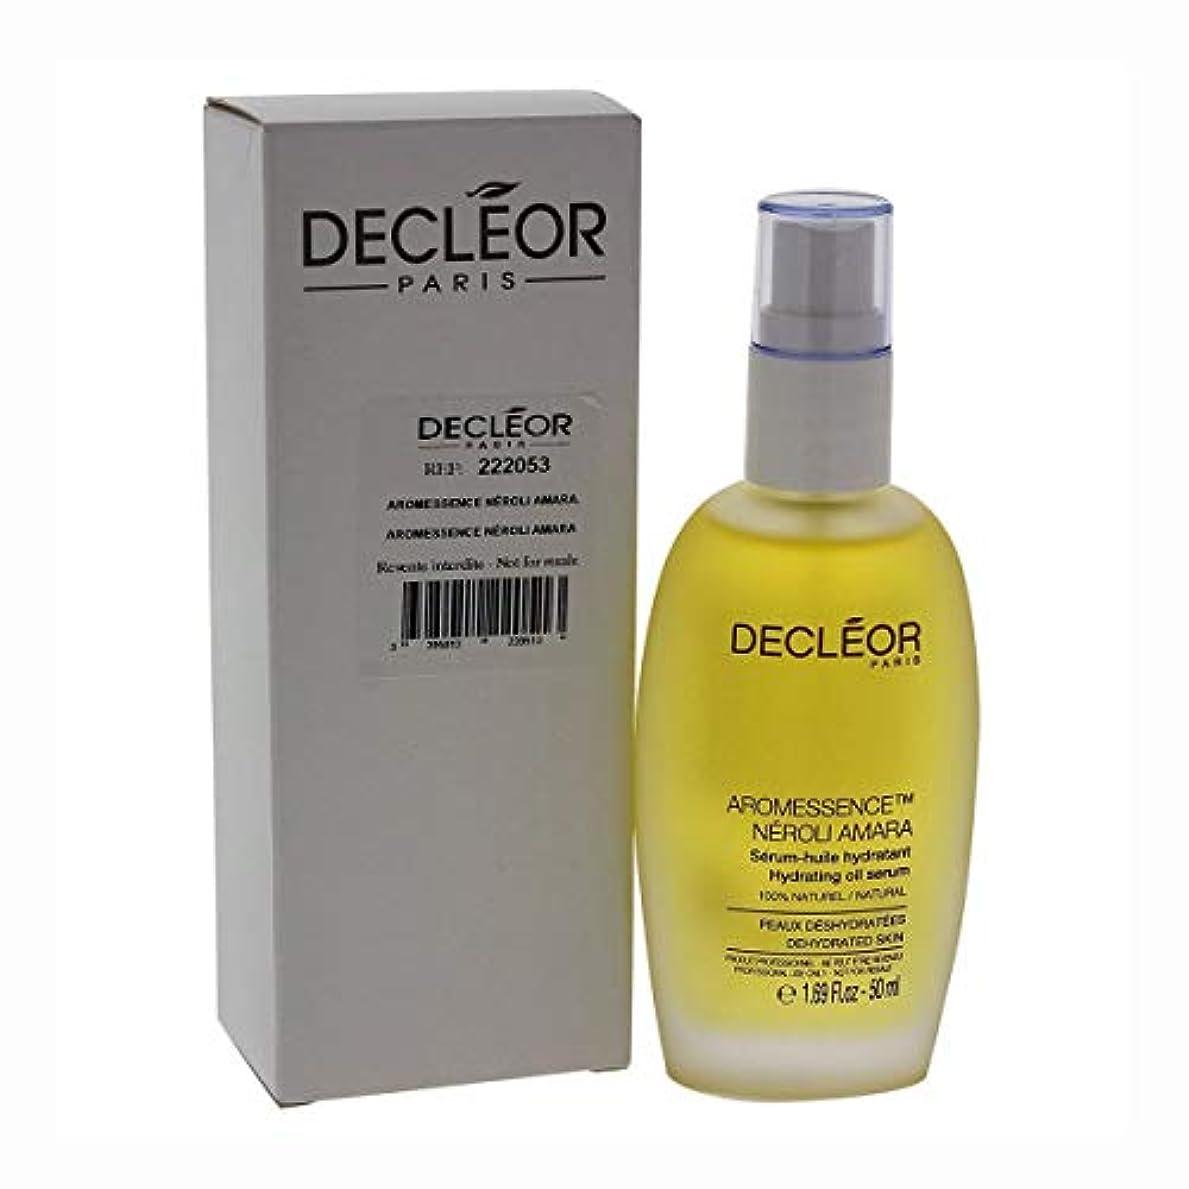 うまれたプレーヤー天デクレオール Aromessence Neroli Amara Hydrating Oil Serum - For Dehydrated Skin (Salon Size) 50ml/1.69oz並行輸入品